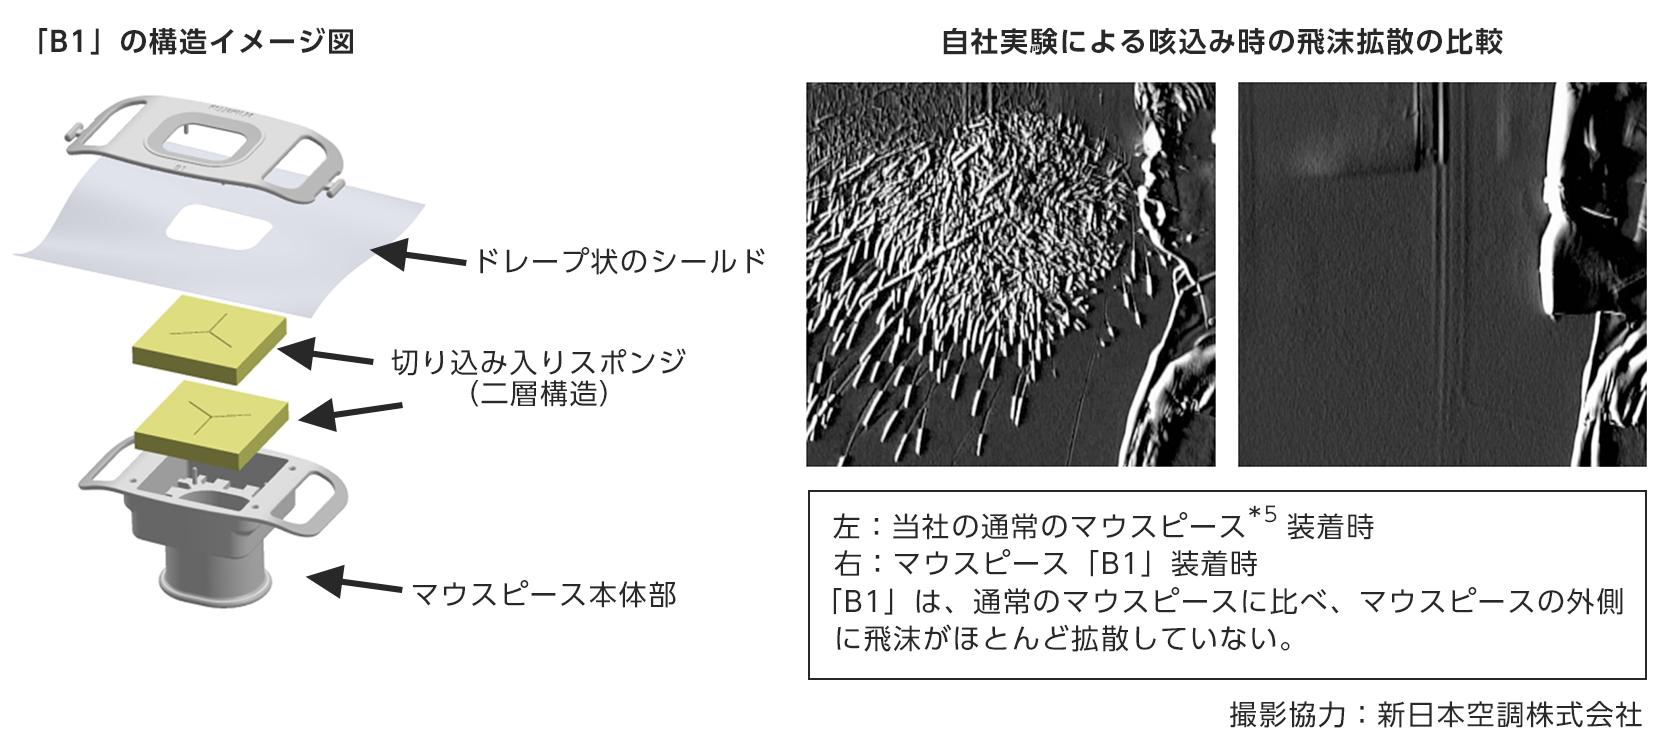 [図]マウスピース「B1」の特長